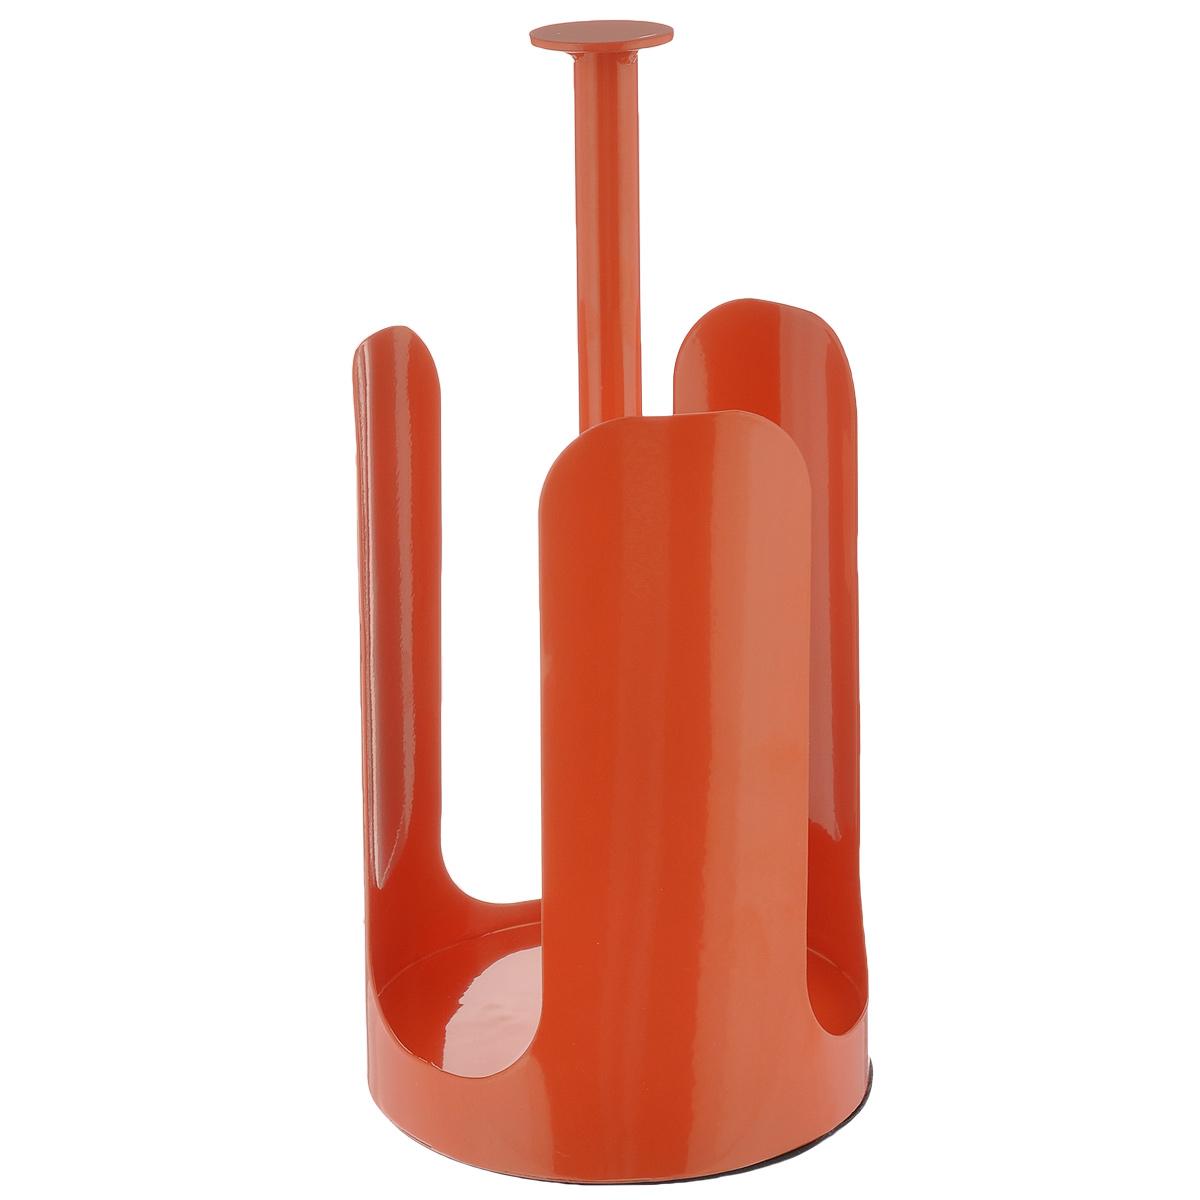 Держатель для бумажных полотенец Sagaform Kitchen, цвет: оранжевый, высота 27 см5016477_оранжевыйДержатель для бумажных полотенец Sagaform Kitchen изготовлен из высококачественной стали. Круглое основание держателя и специальная прослойка на дне гарантирует устойчивость. Рулоны накладываются сверху. Вы можете установить его в любом удобном месте. Такой держатель станет полезным аксессуаром в домашнем быту и идеально впишется в интерьер современной кухни. Рулон в комплект не входит.